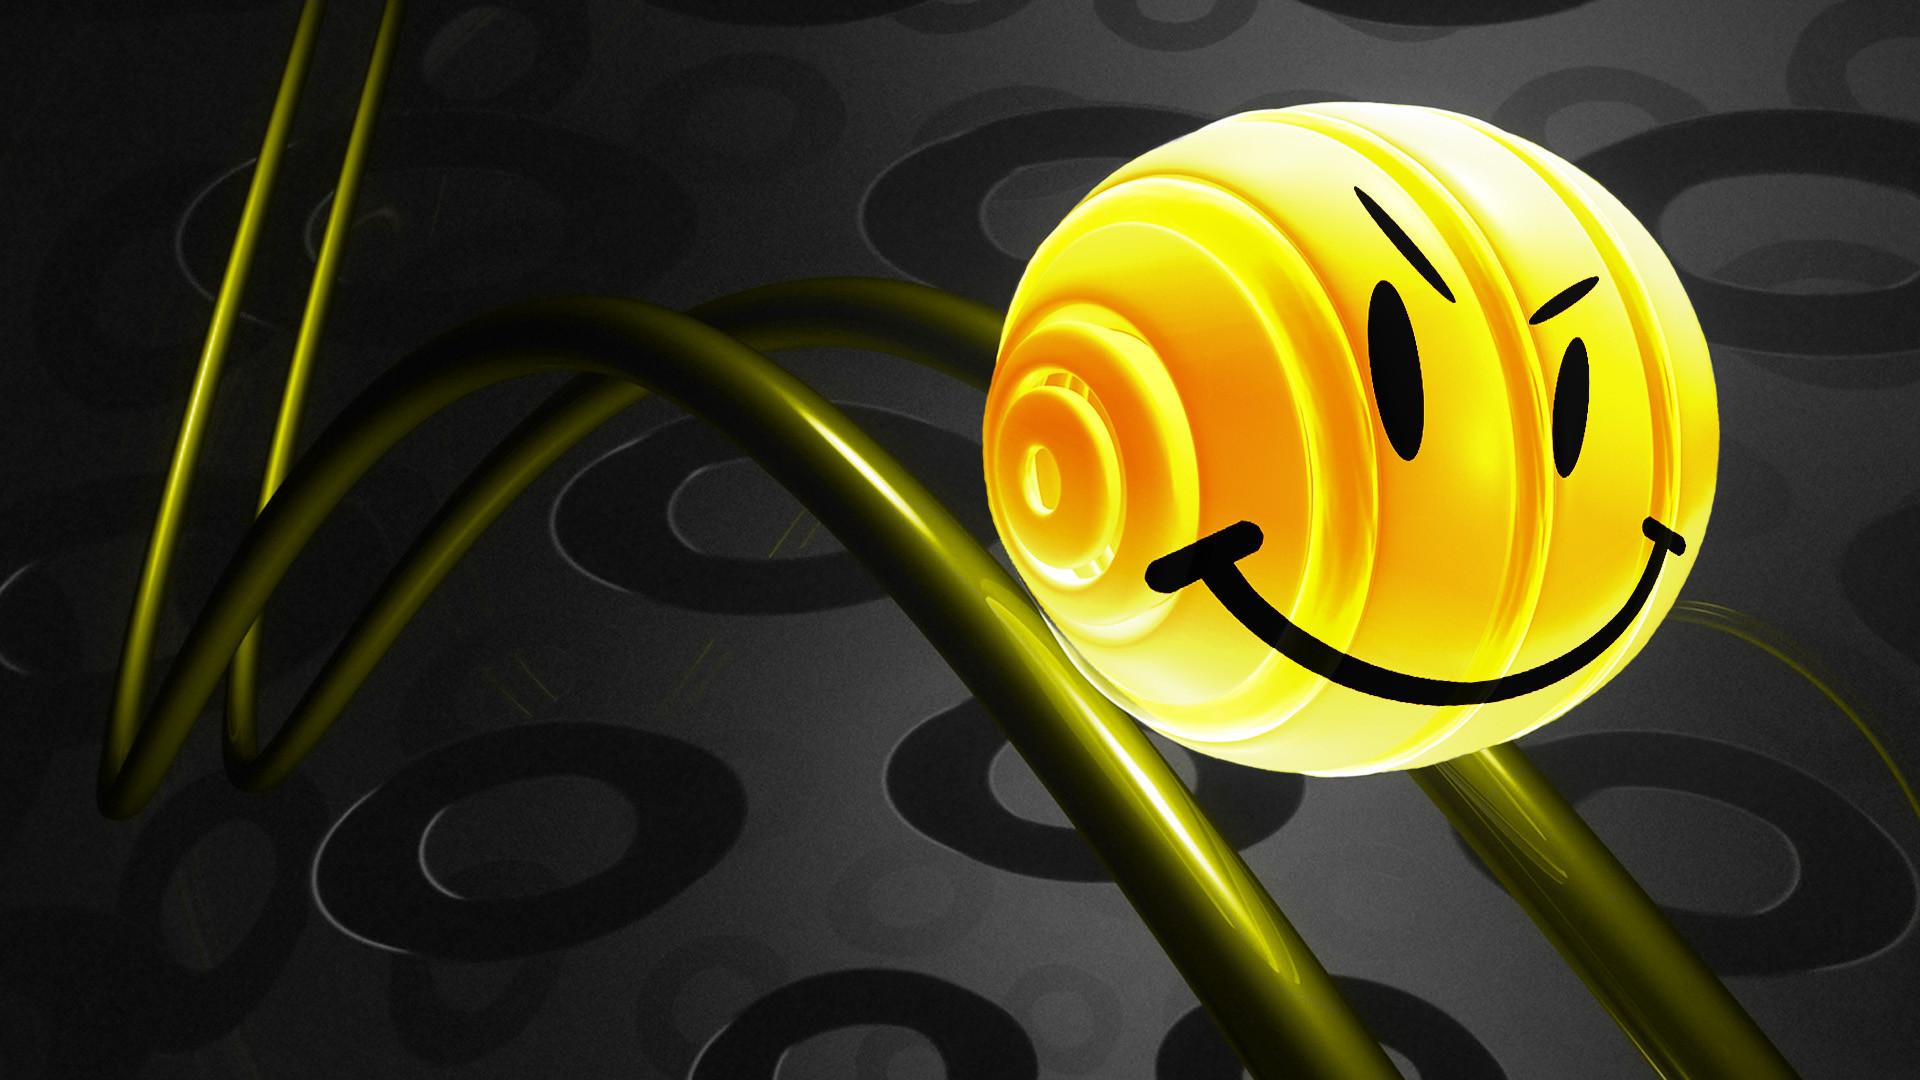 Cool Emoji Wallpaper For Desktop (50+ Images